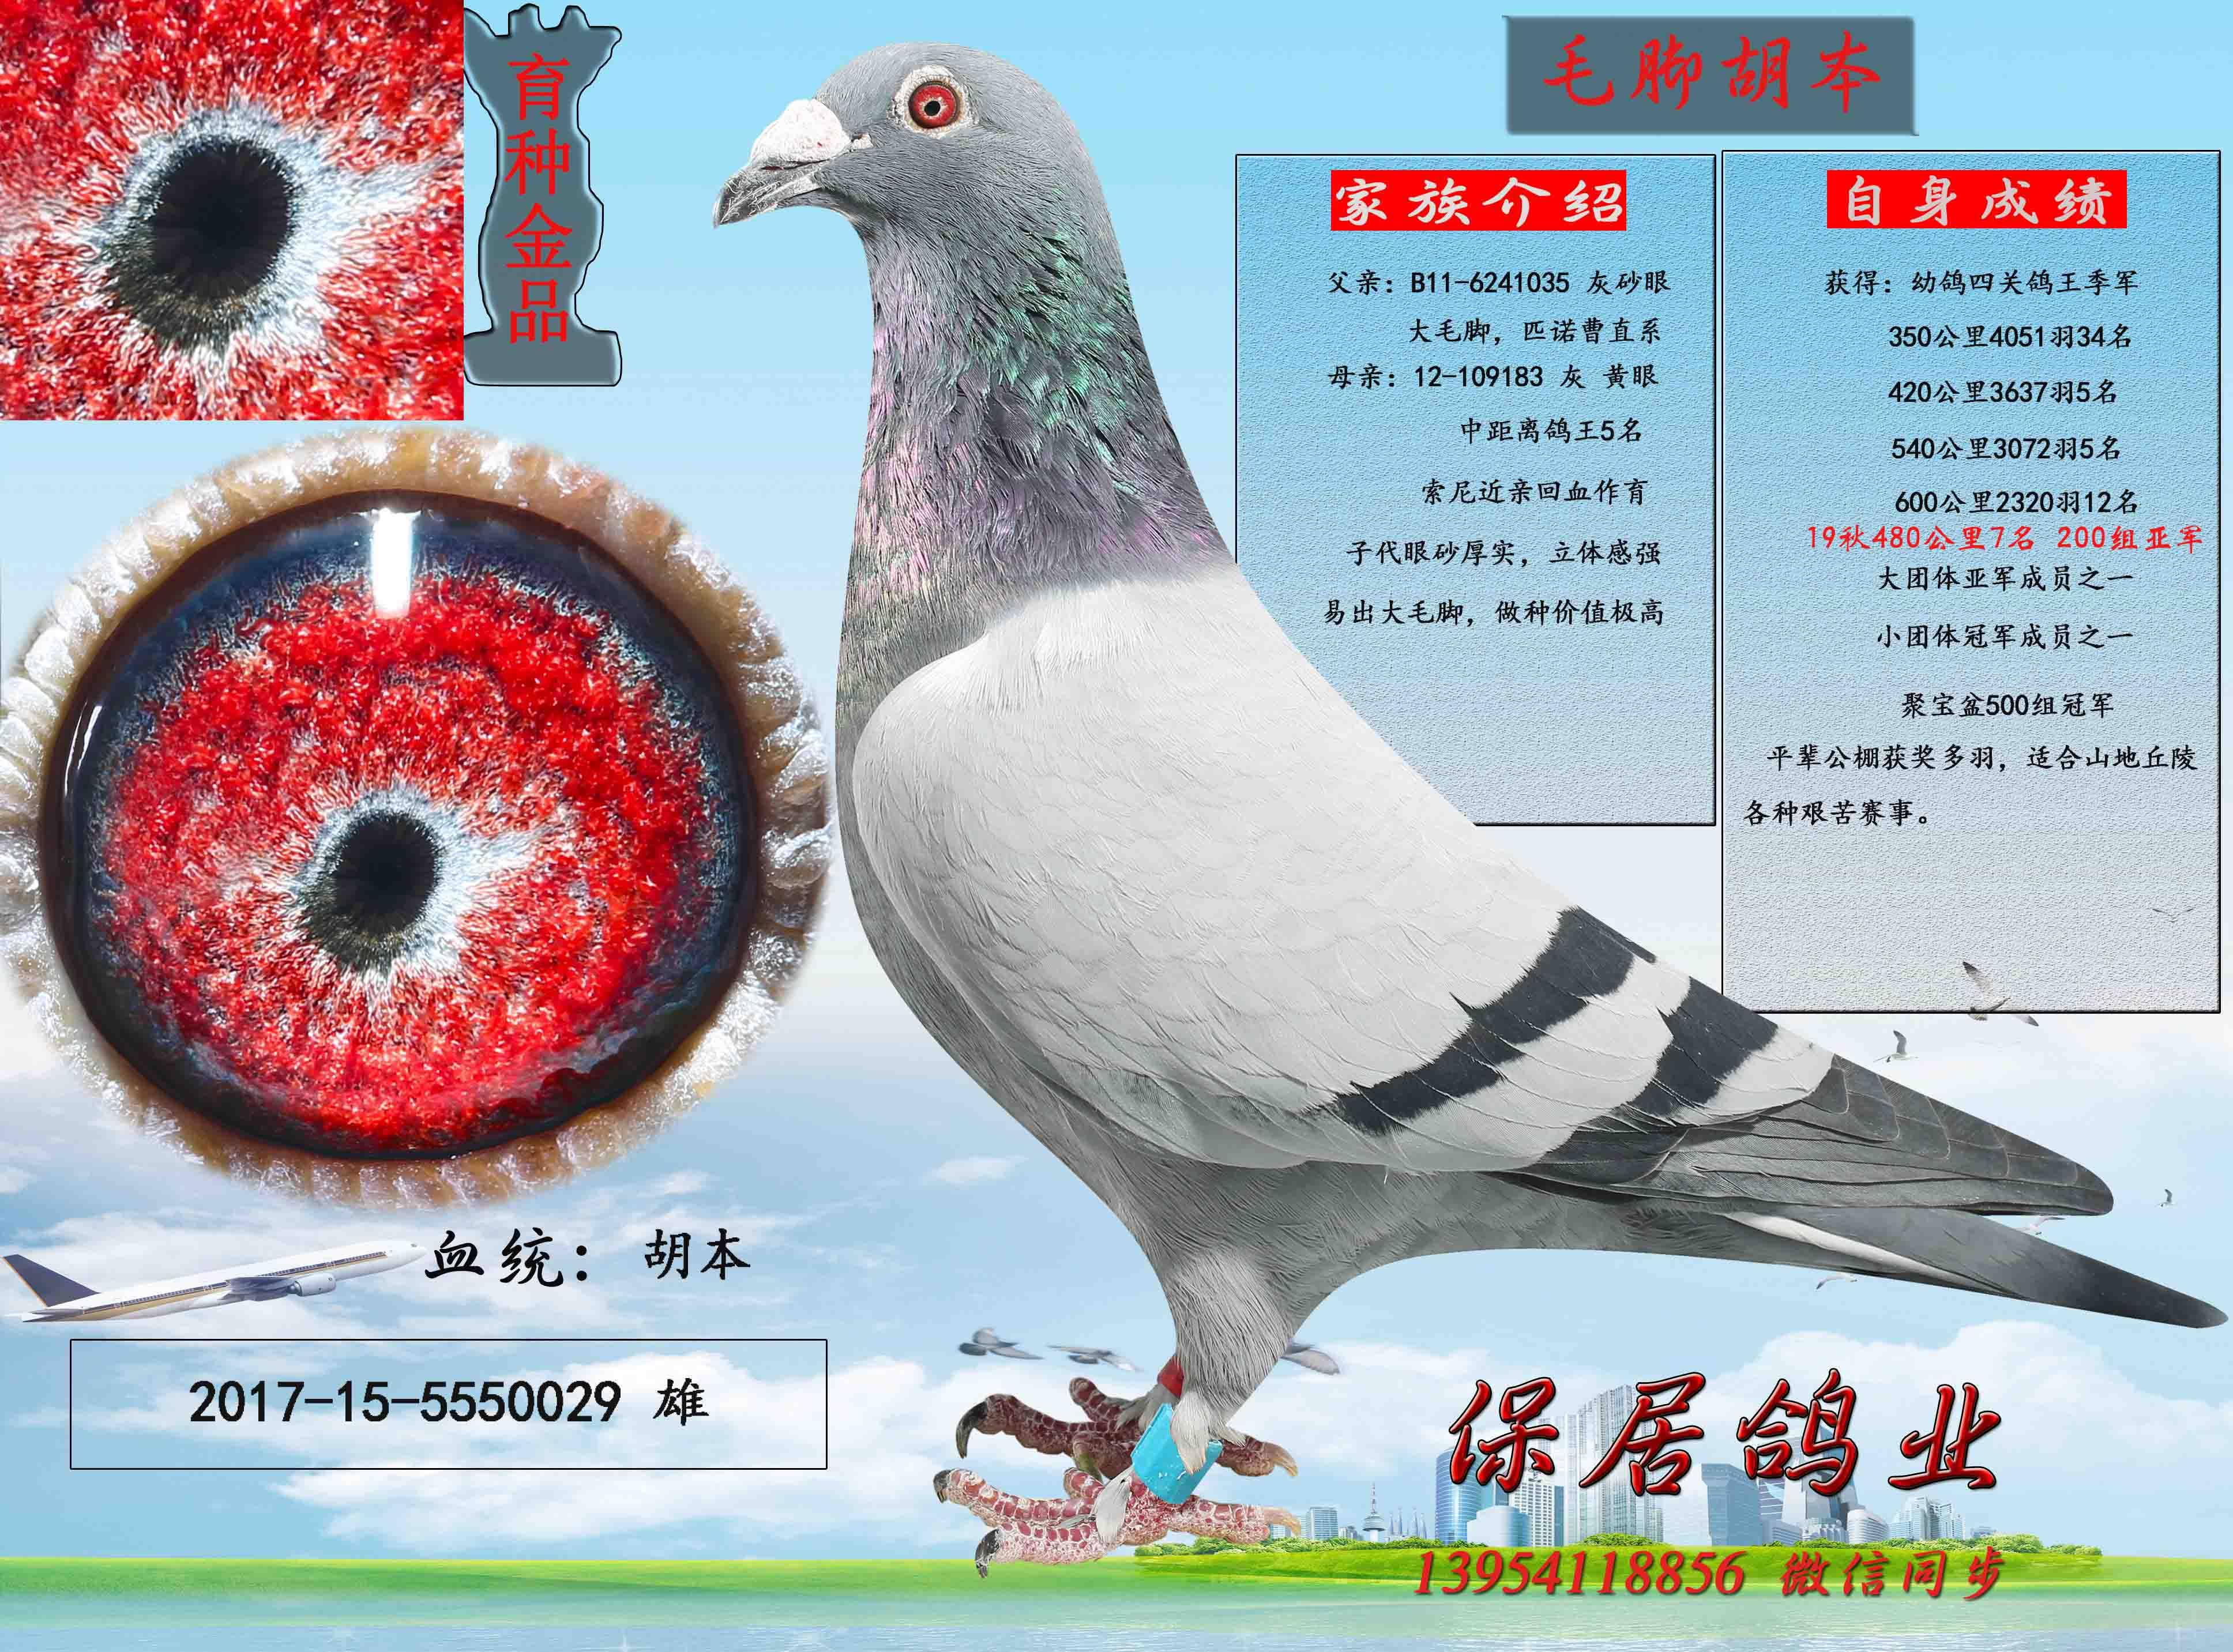 千元包邮专区